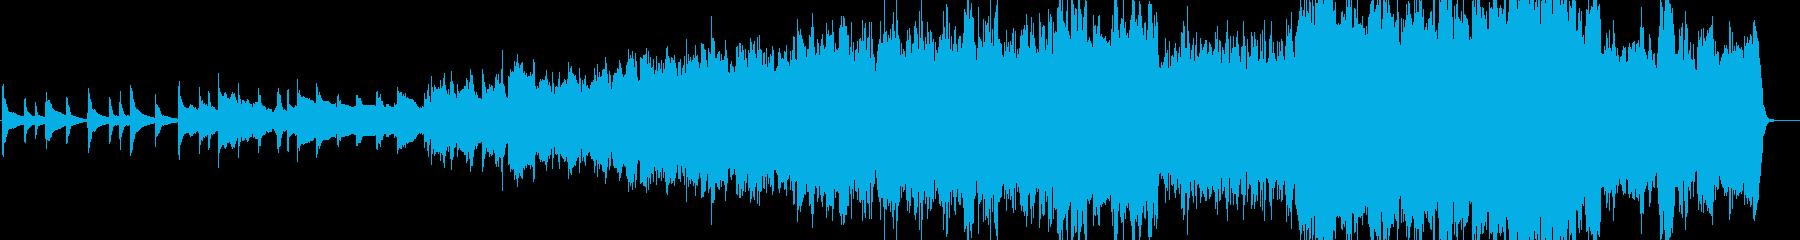 壮大なオープニング ピアノ+ストリングスの再生済みの波形